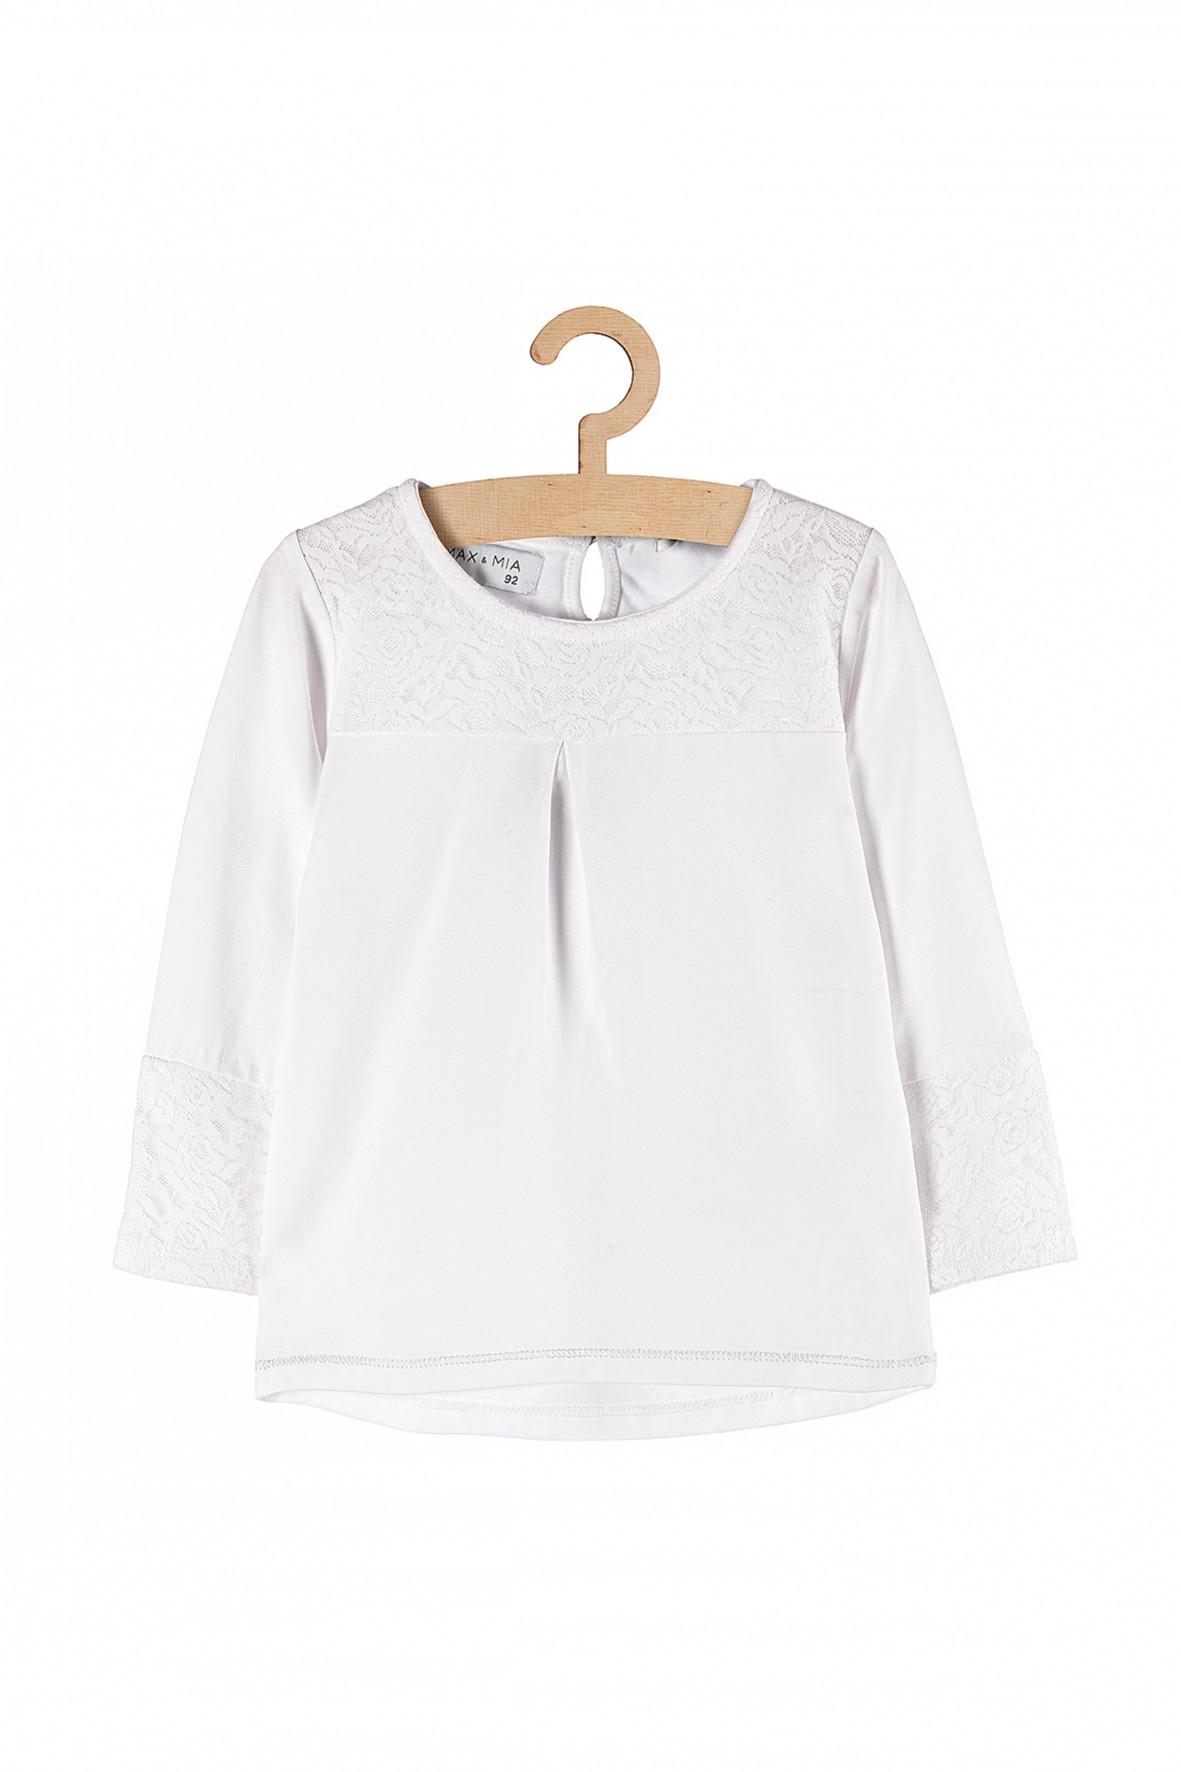 Bluzka dziewczęca biała z długim rękawem-koronkowa wstawka